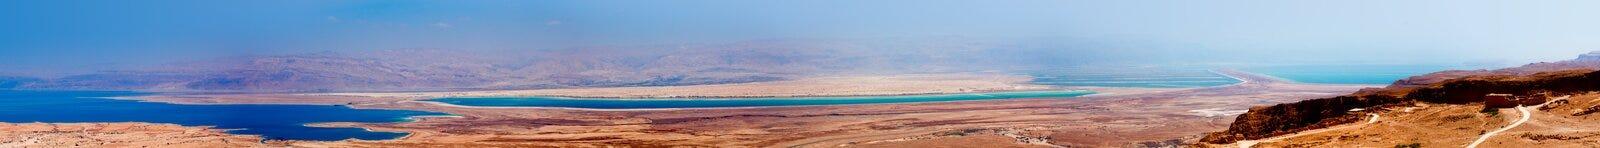 Vue panoramique de la mer morte dans le désert de Judaean - Israël images libres de droits